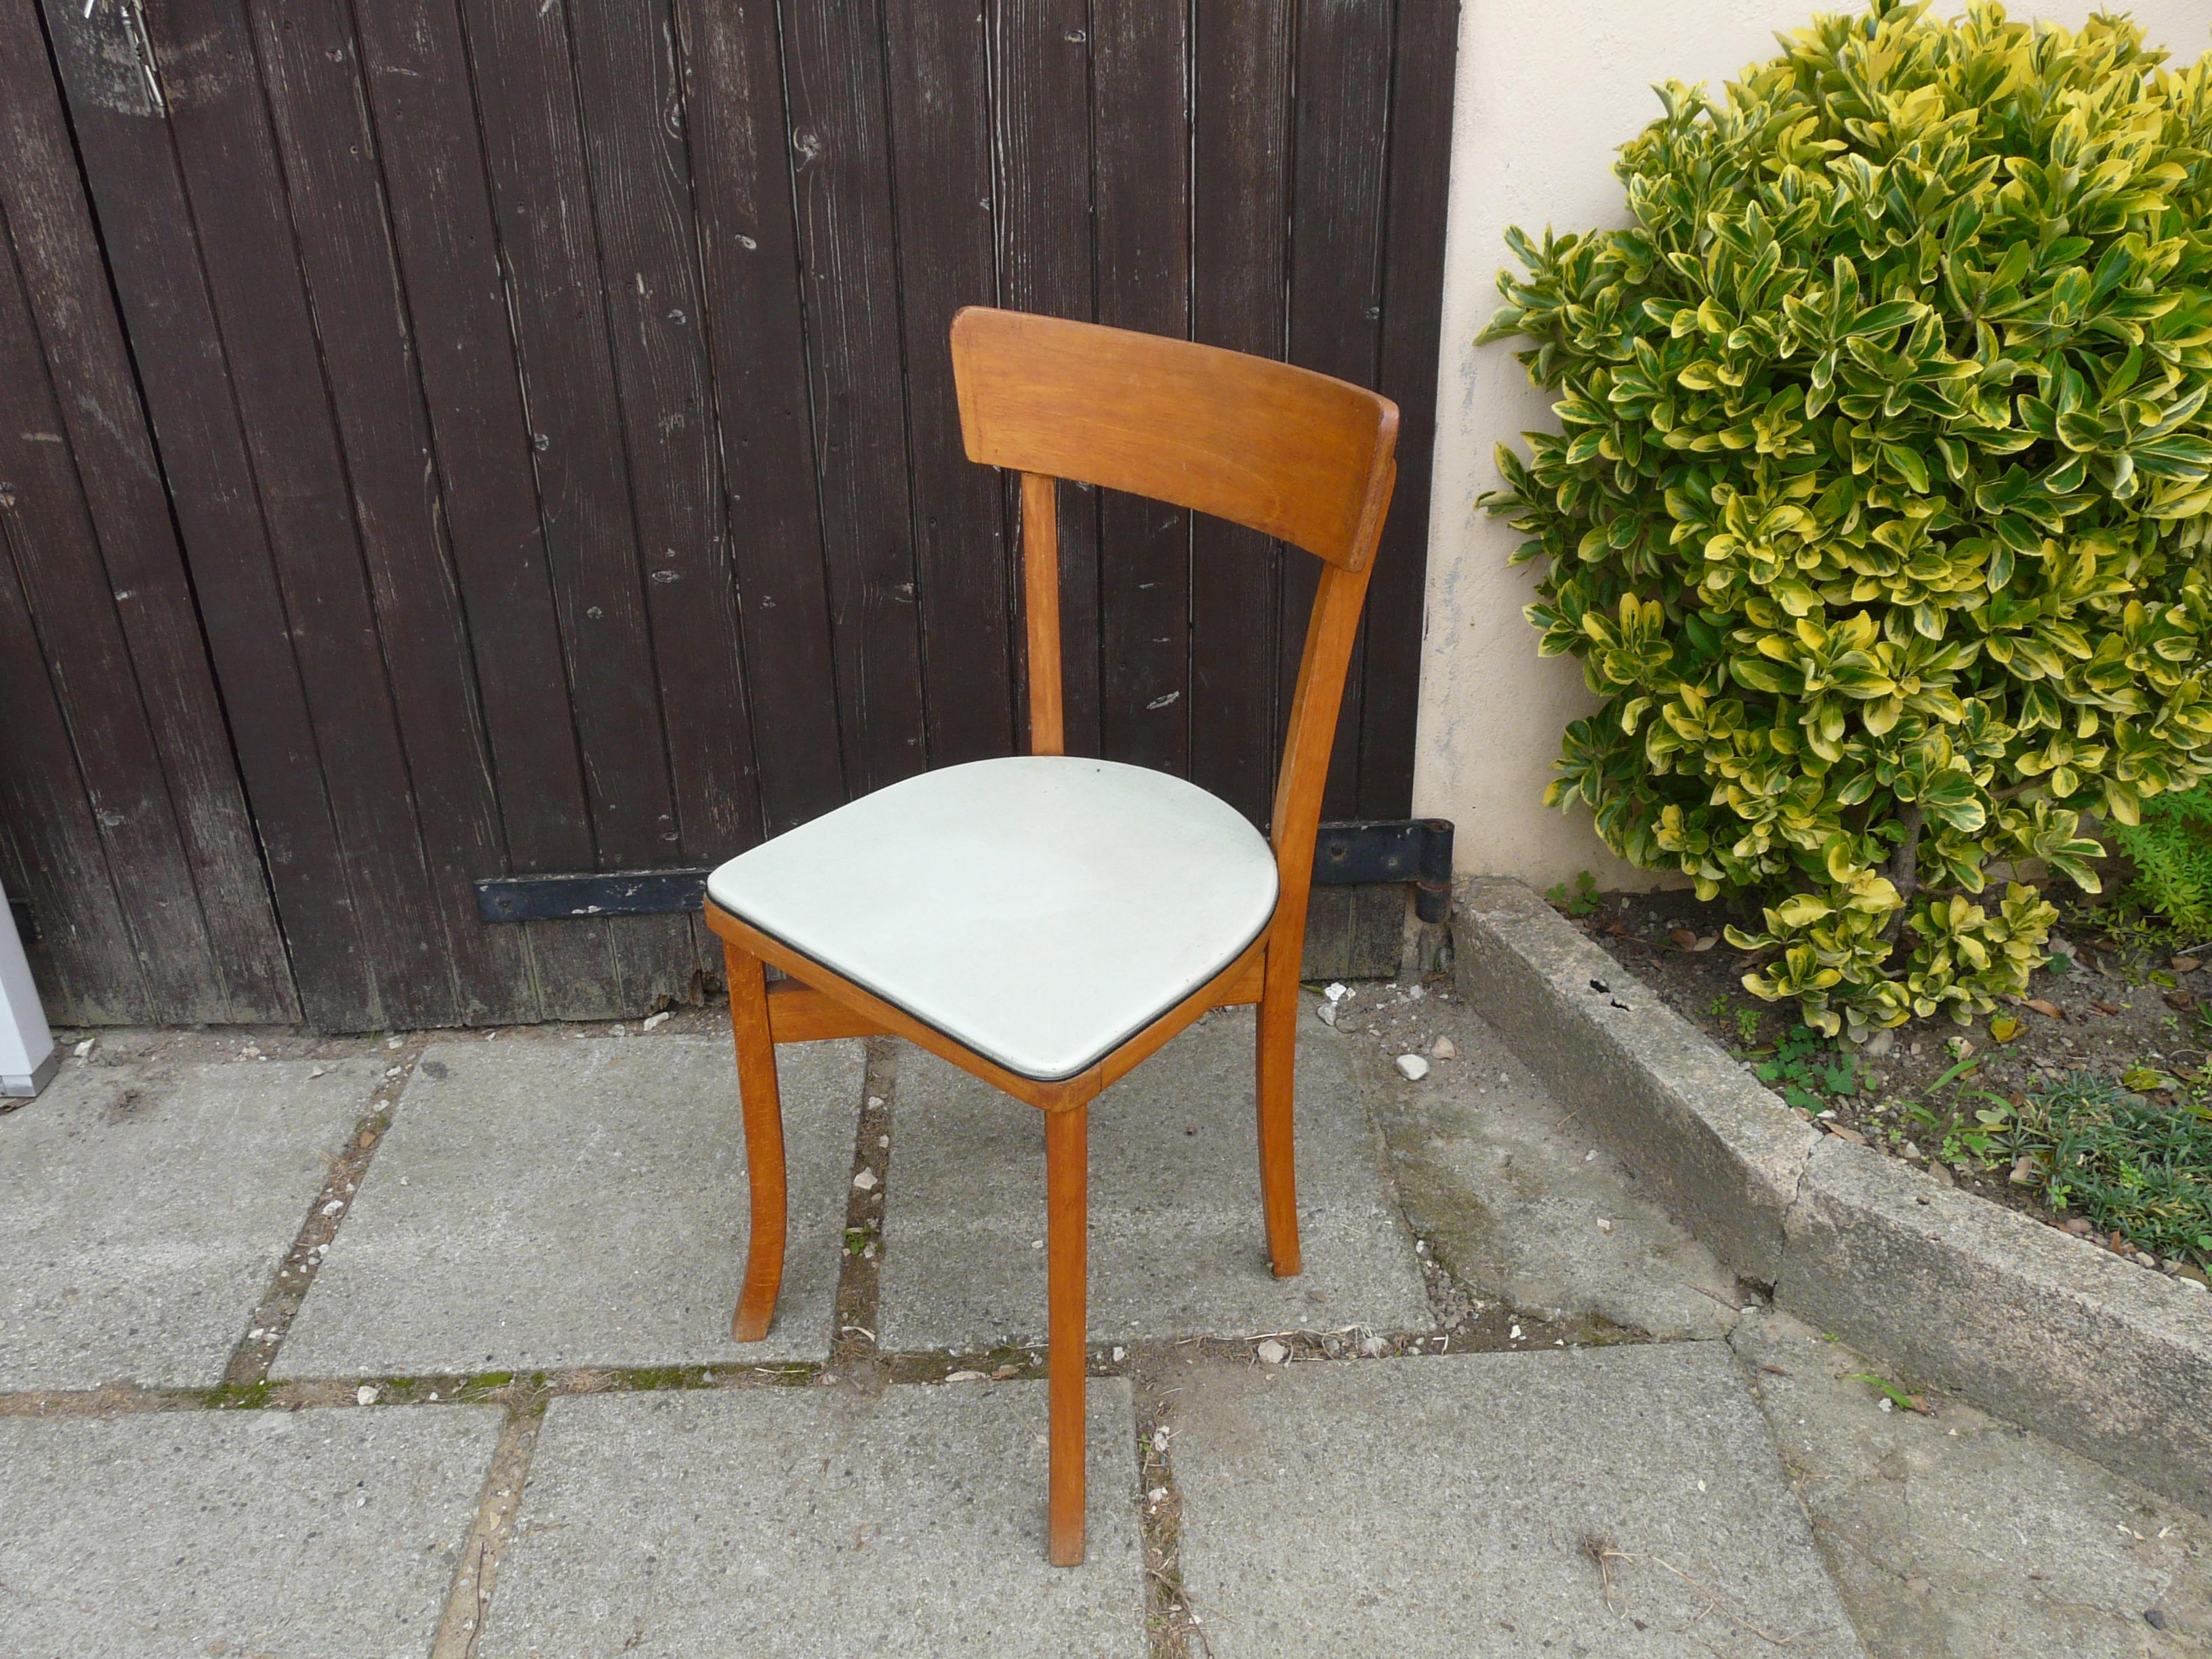 une chaise plutôt banale...